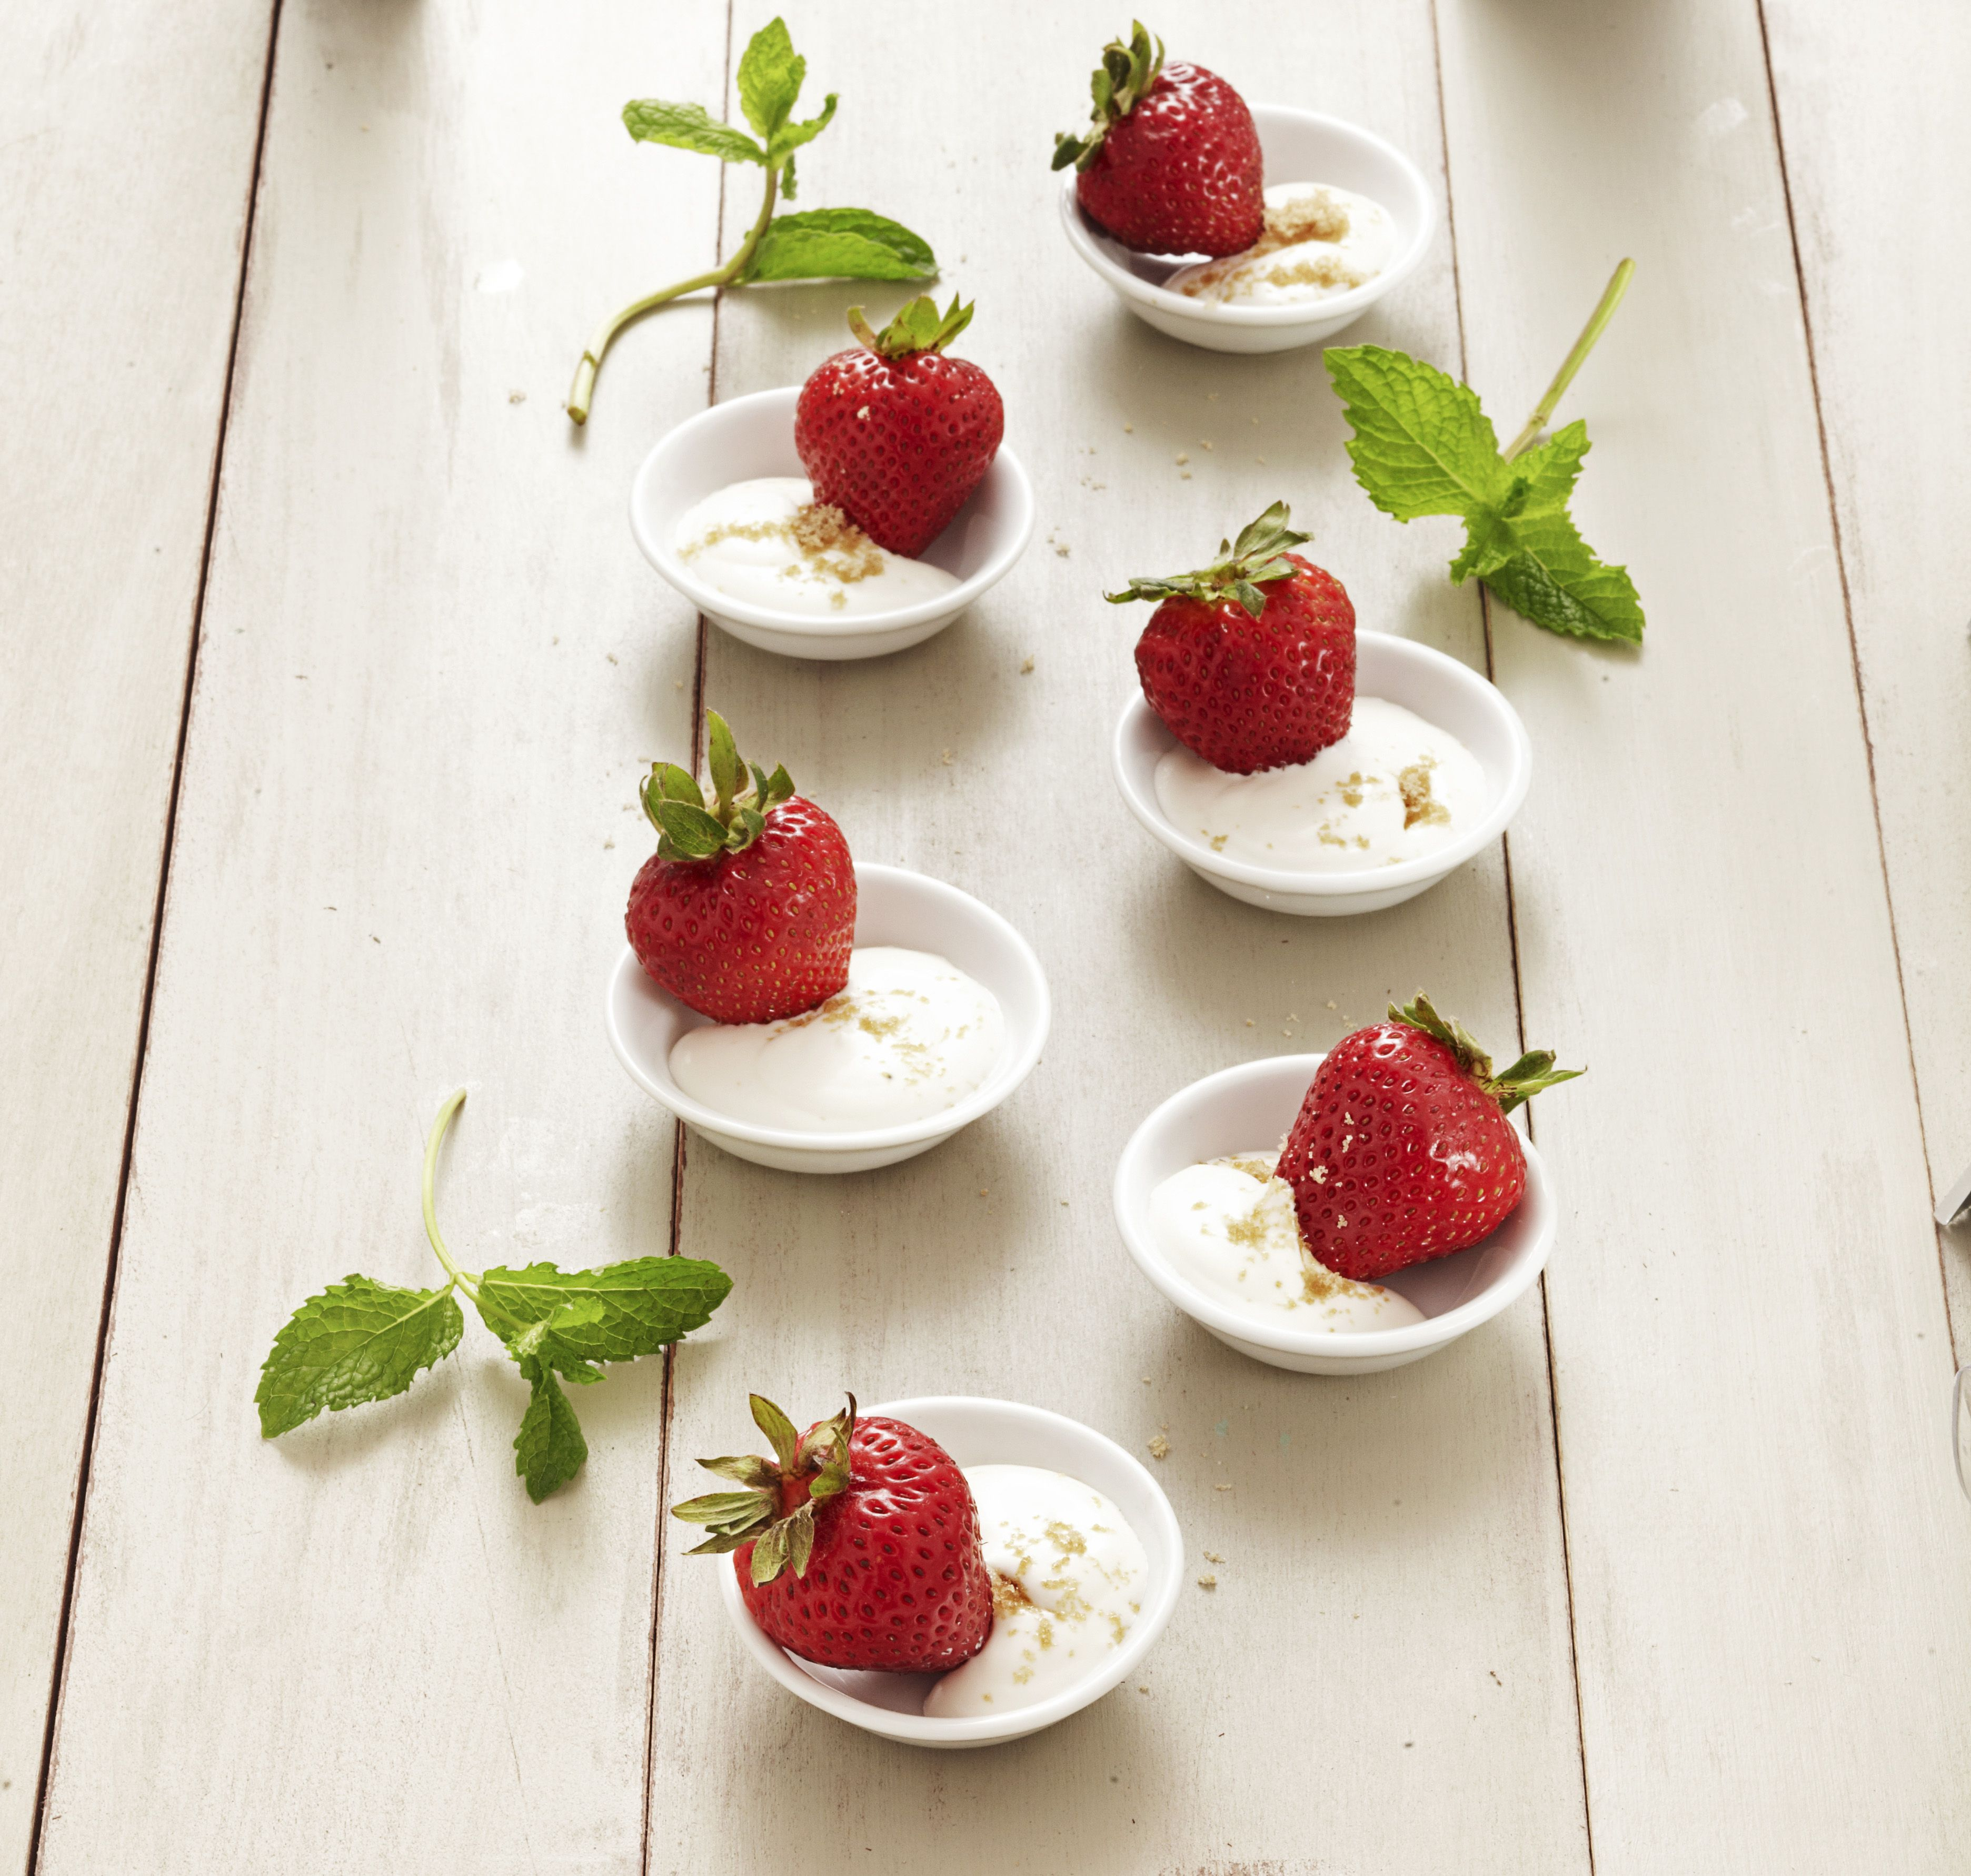 Fresas Frescas Con Crema Dulce Bliss Batida Es Una Receta